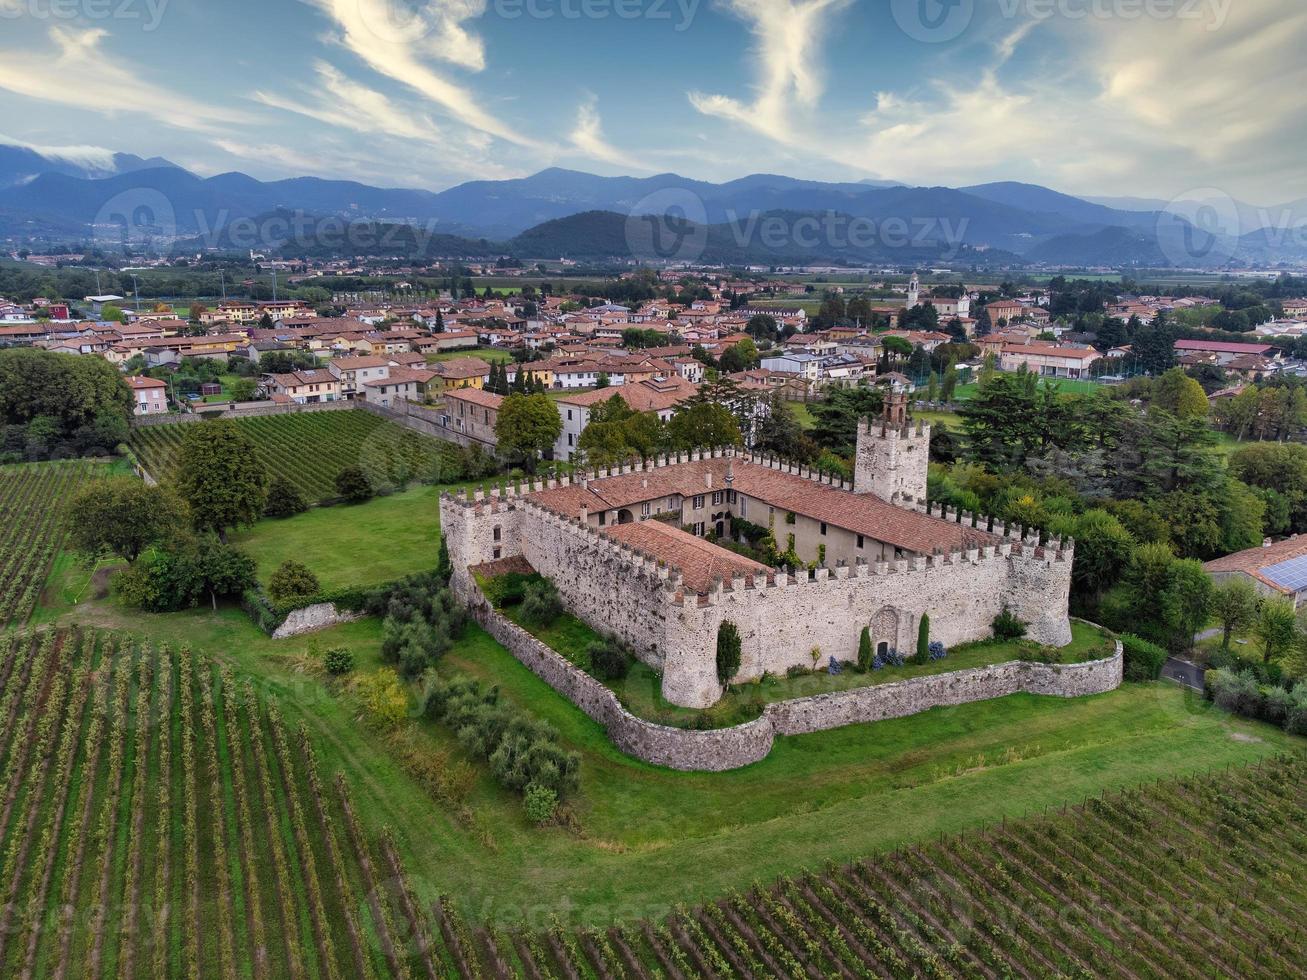 Luftaufnahme einer mittelalterlichen Burg, umgeben von Weinbergen foto